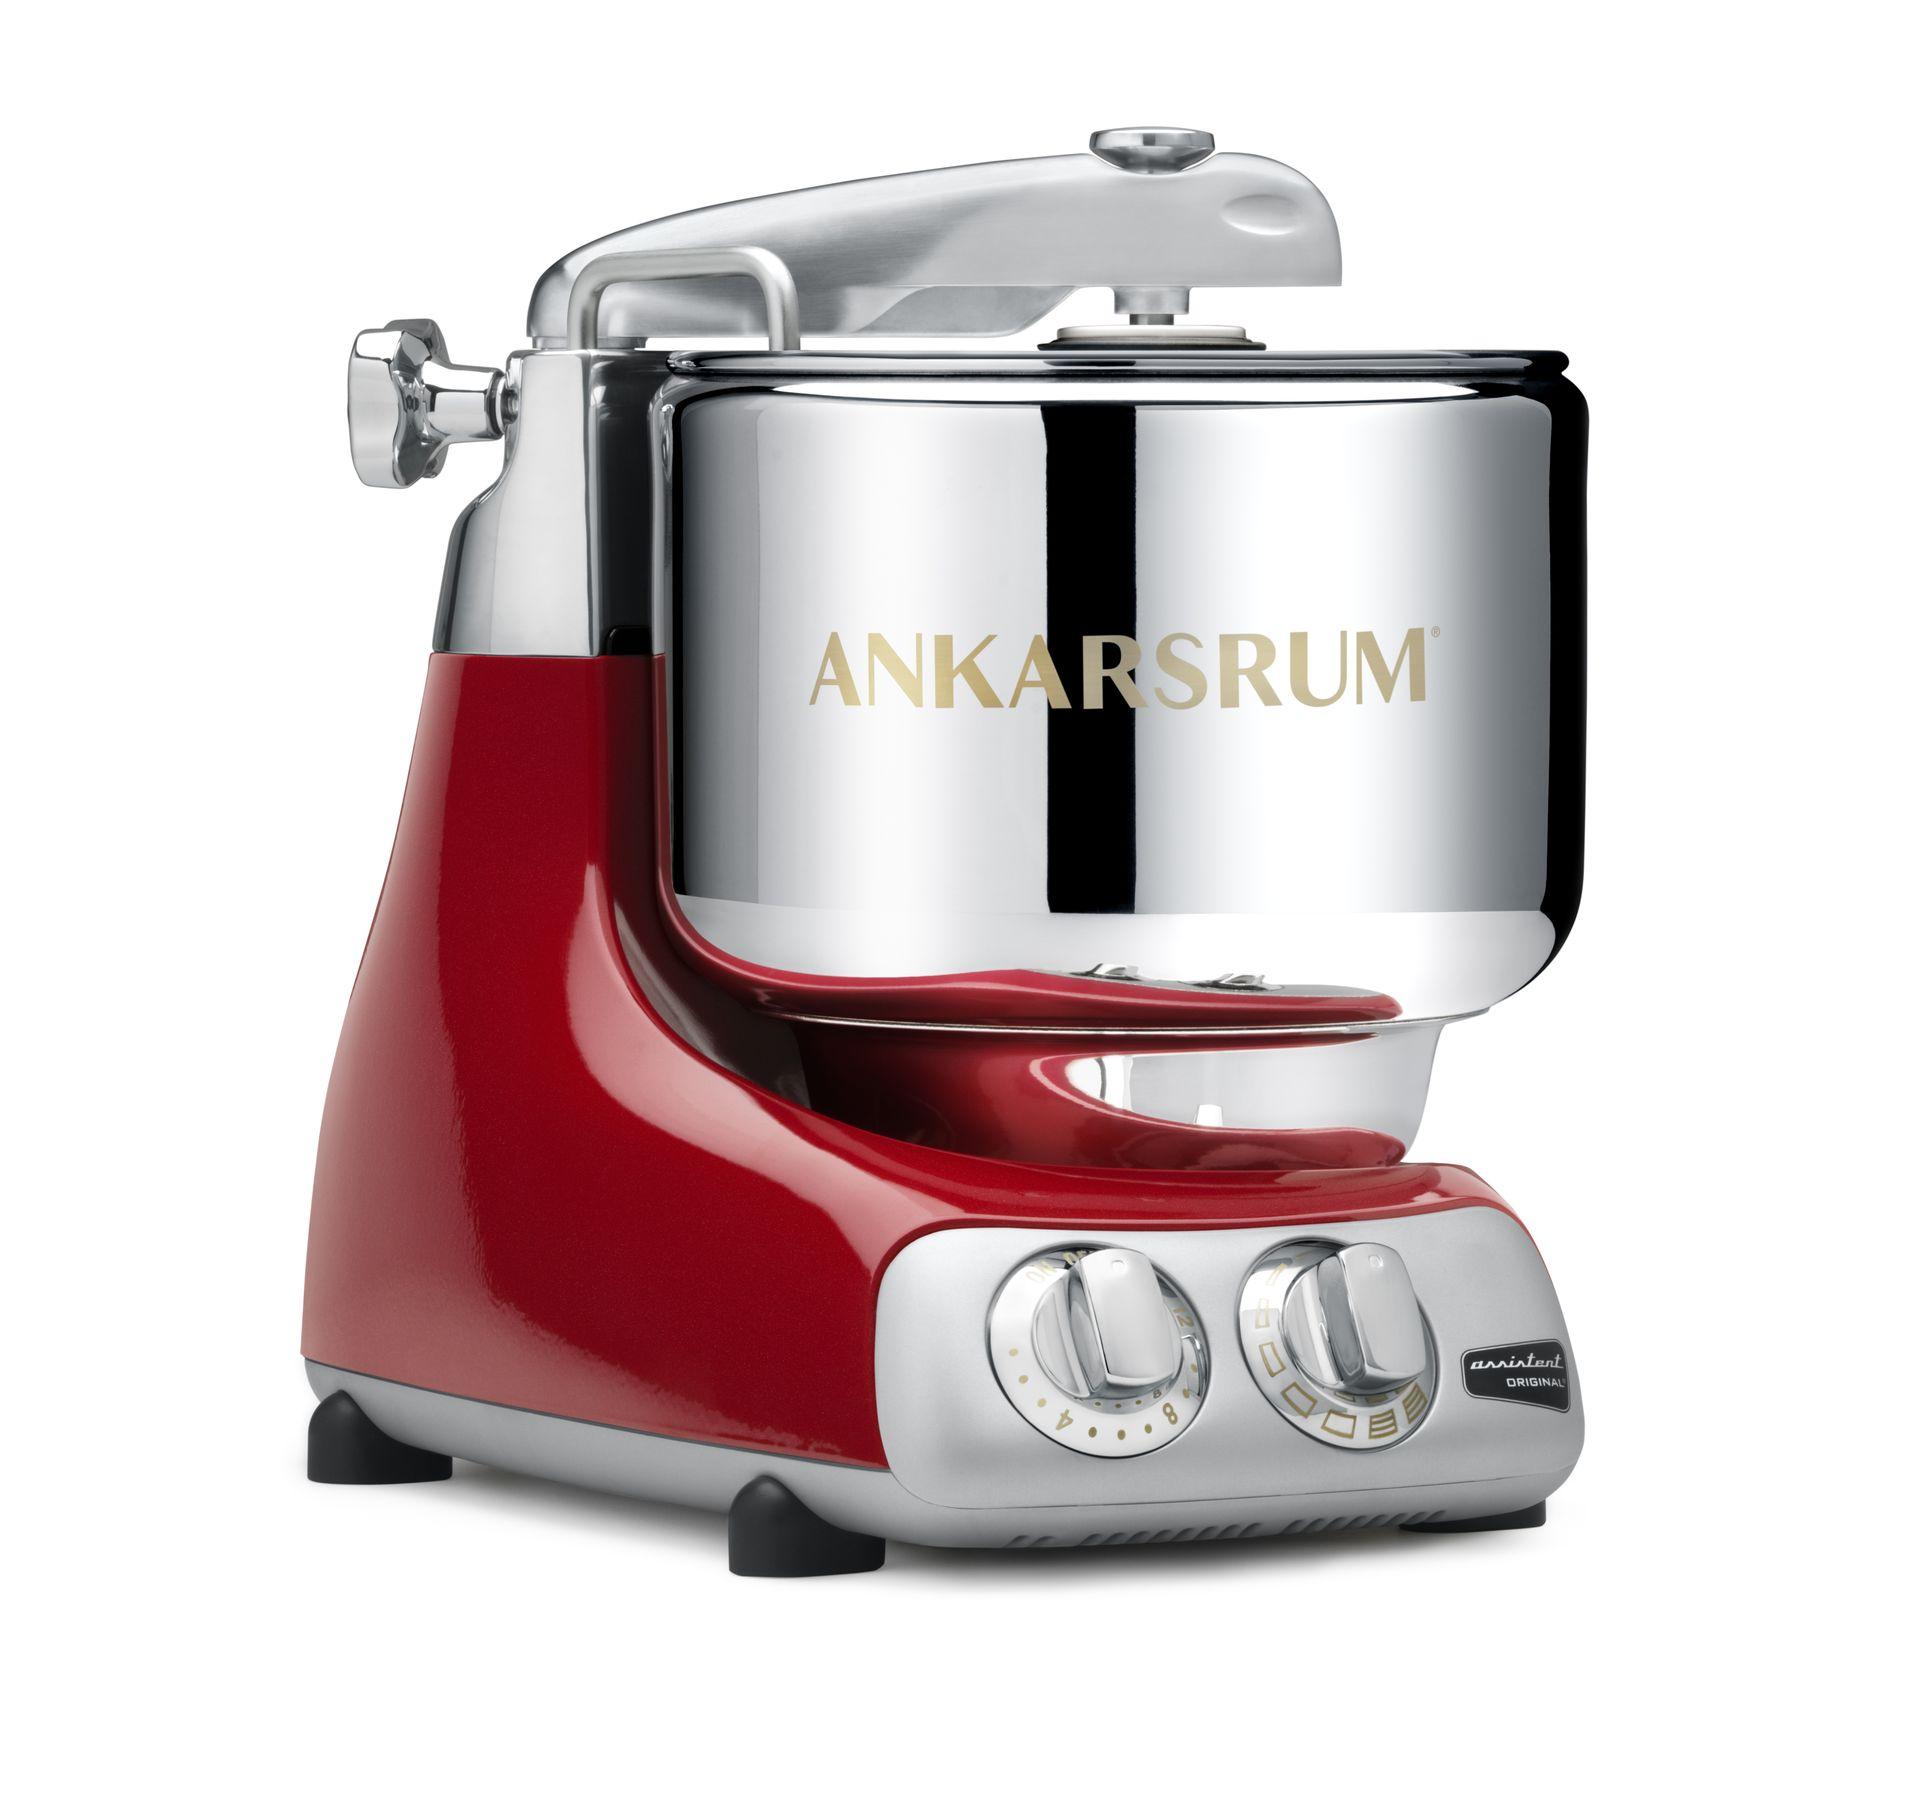 Ankarsrum Küchenmaschine 6230  Red Metallic 2300105